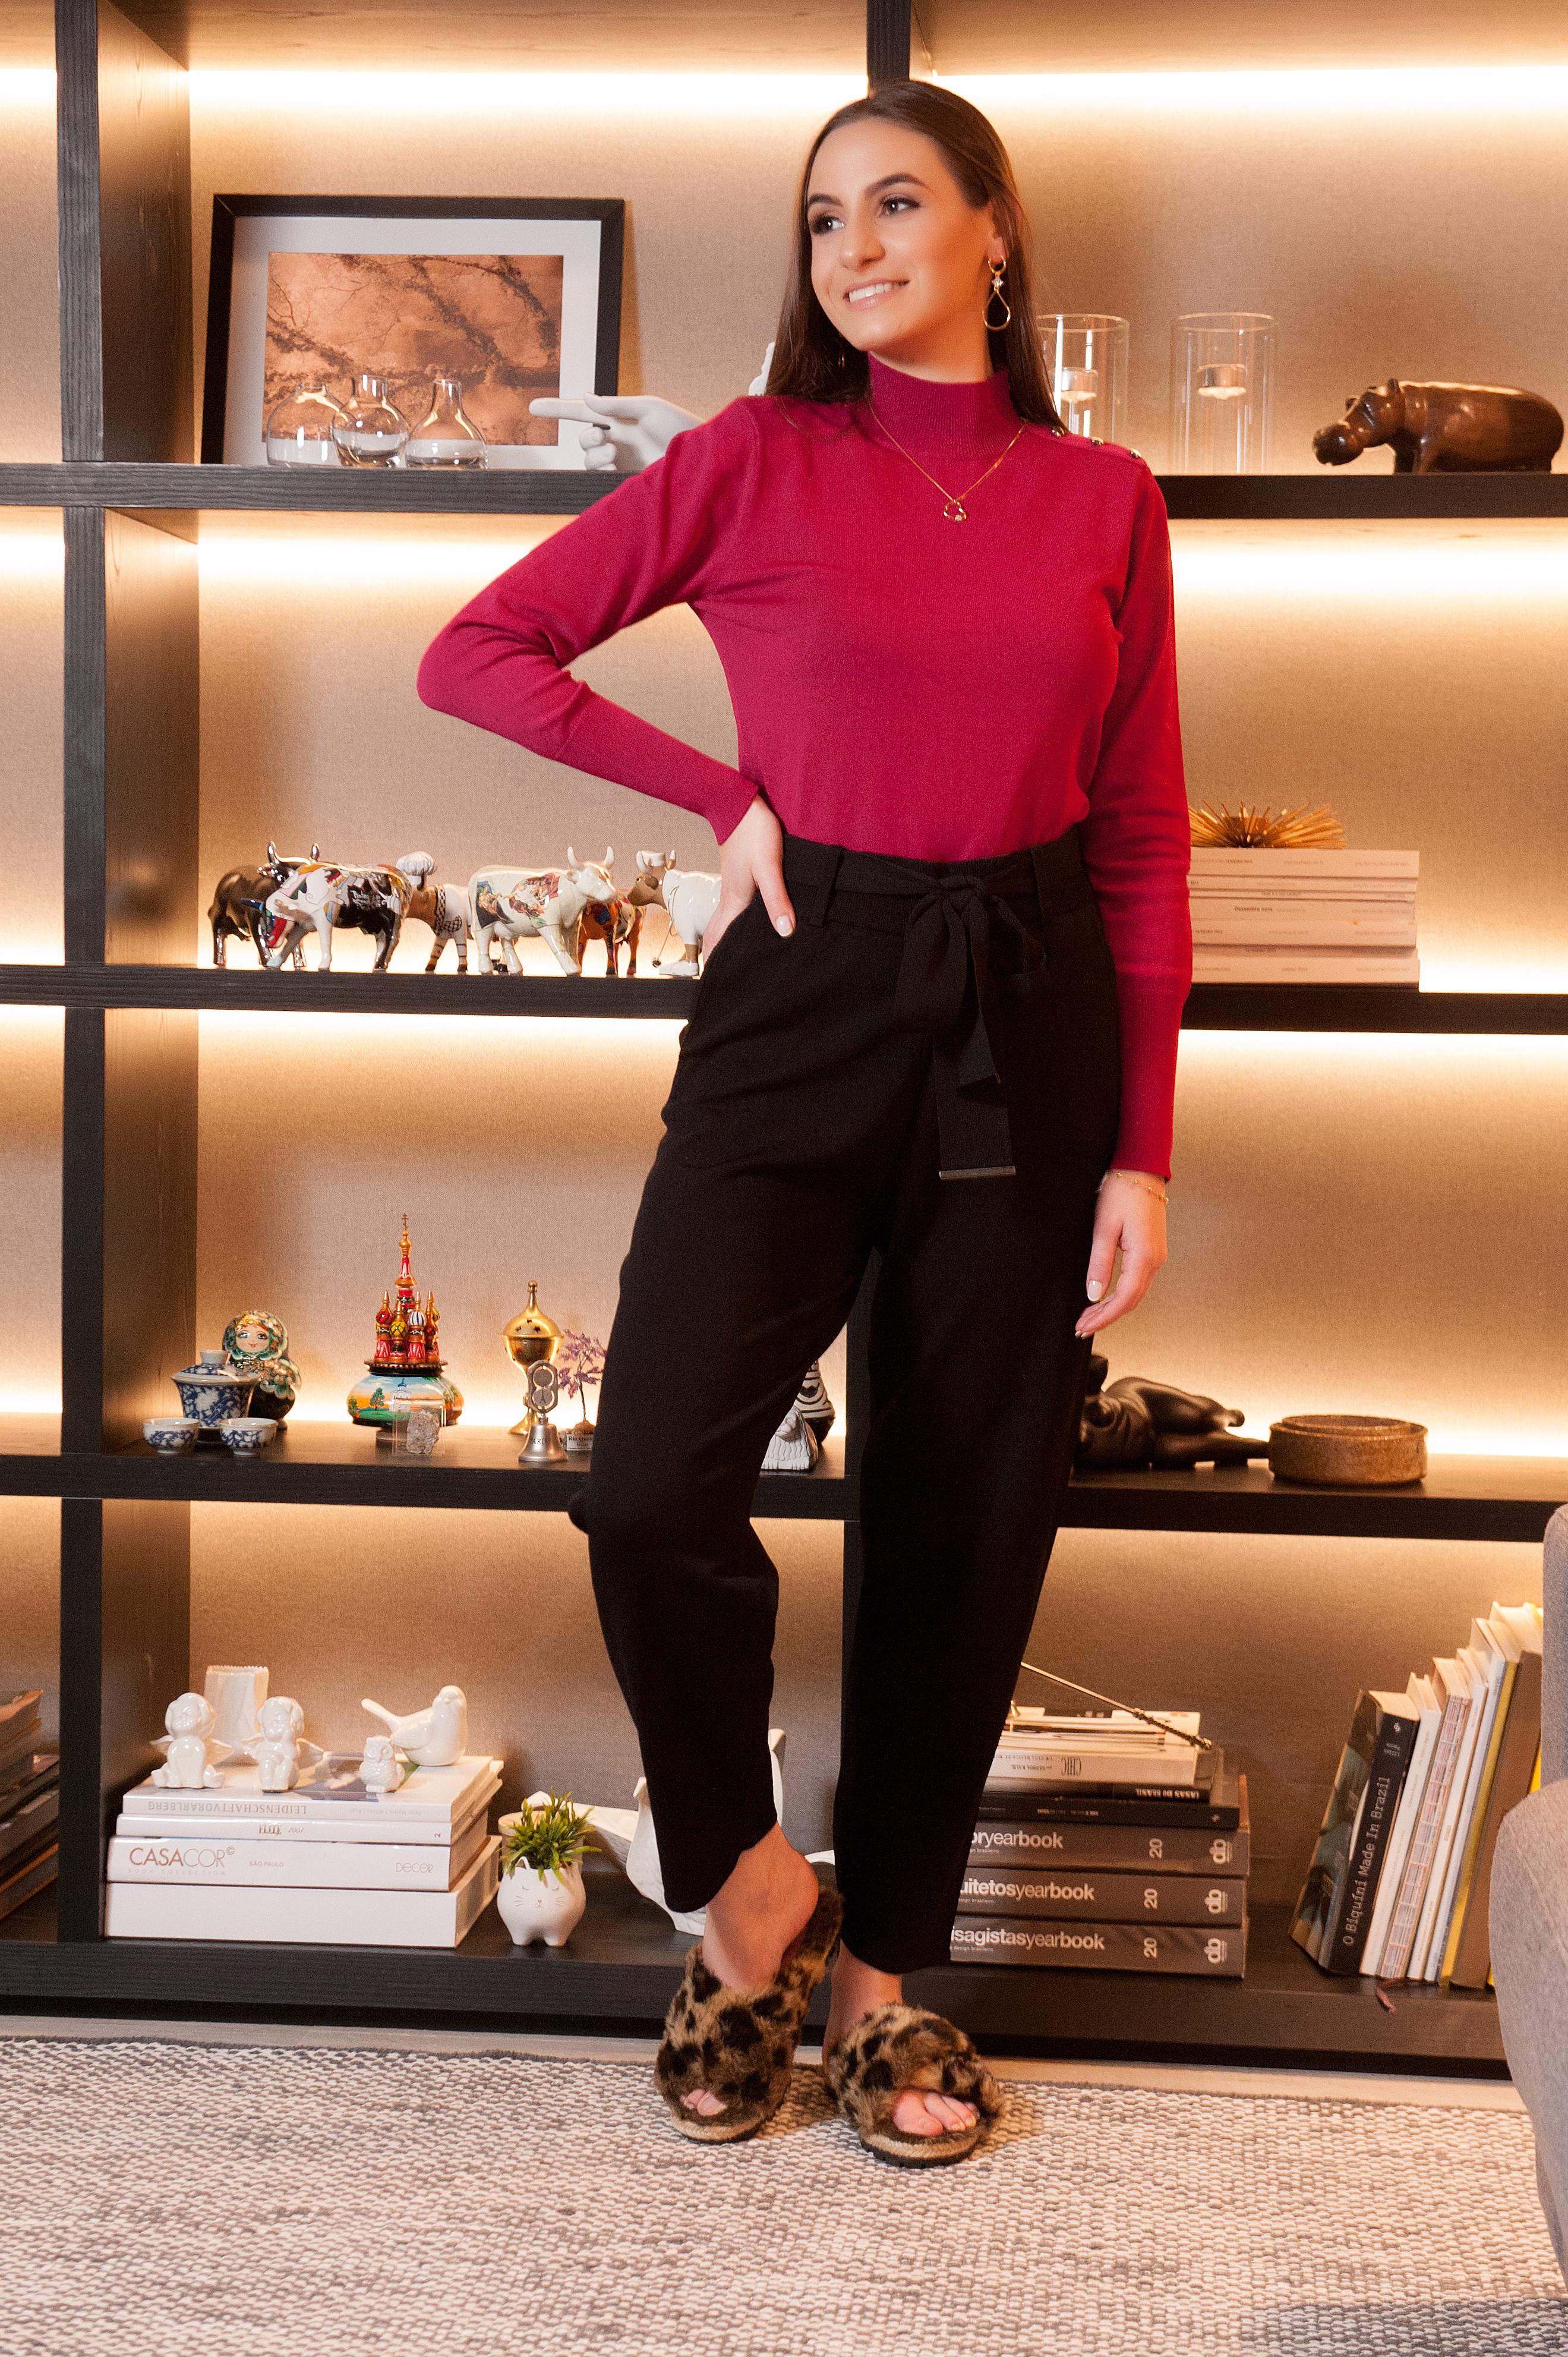 A modelo está usando uma blusa rosa de gola alta, calça preta e chinelo de pelo.